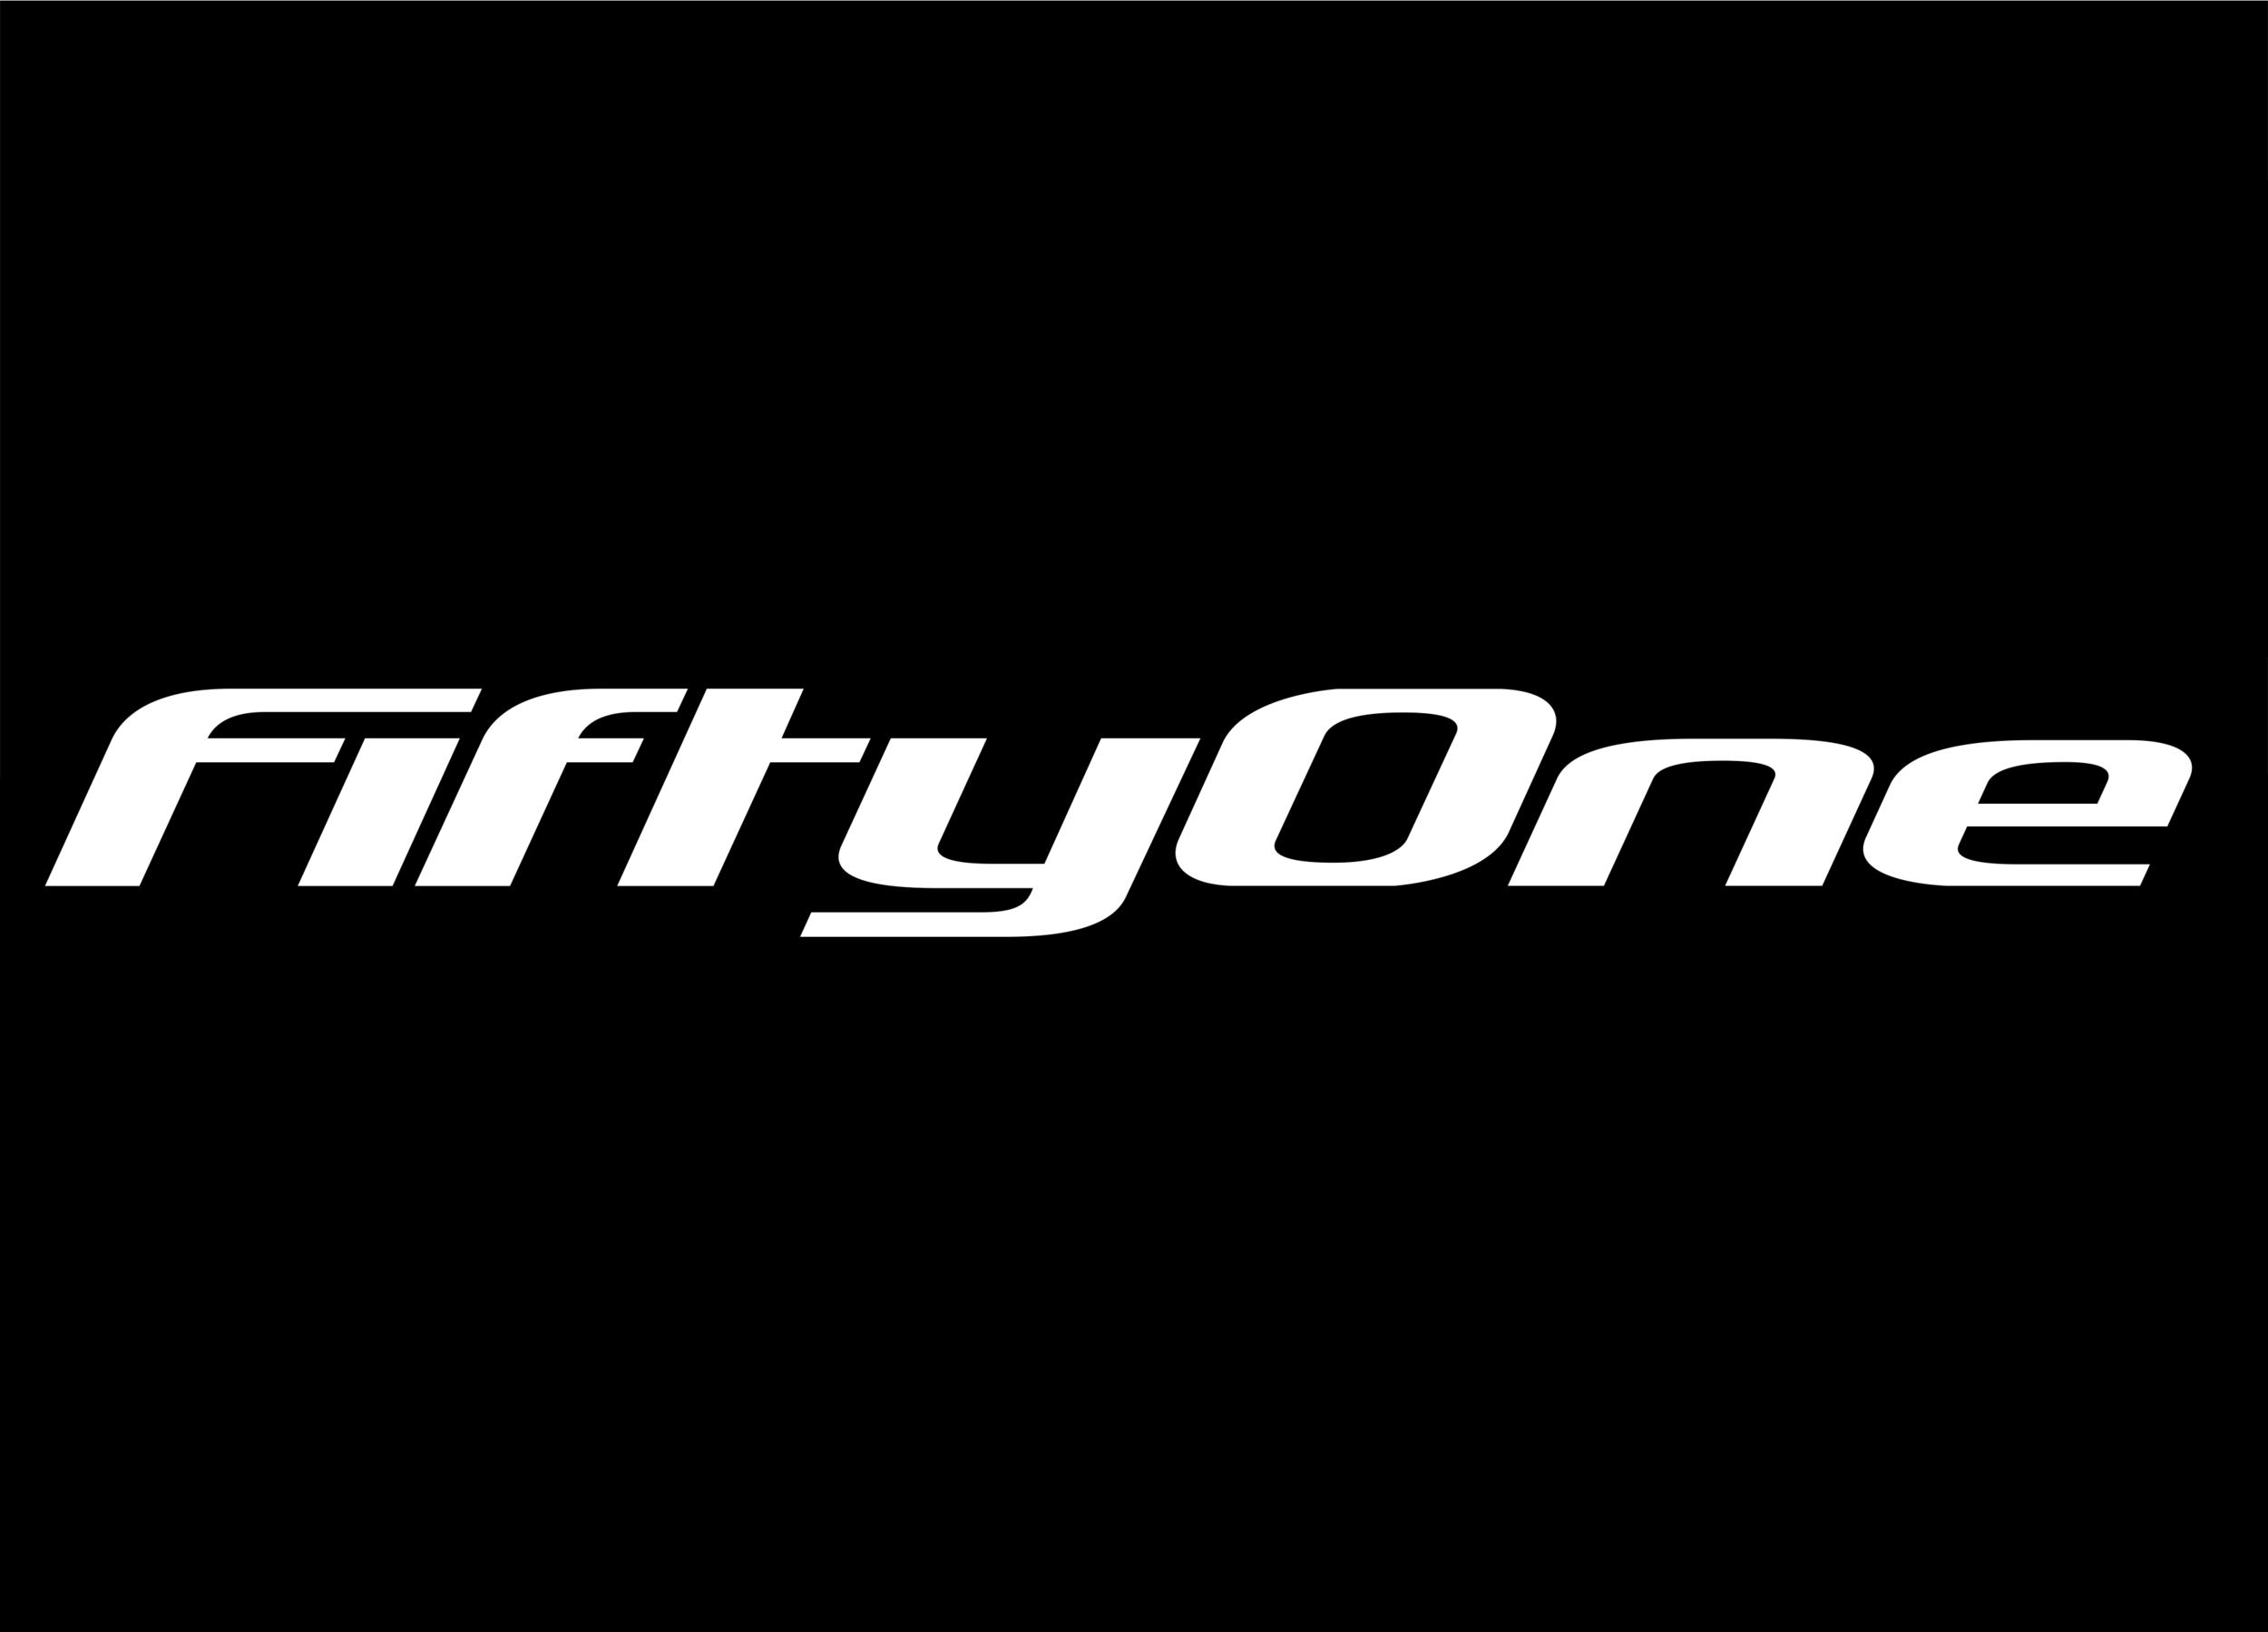 FiftyOne-Logo.png